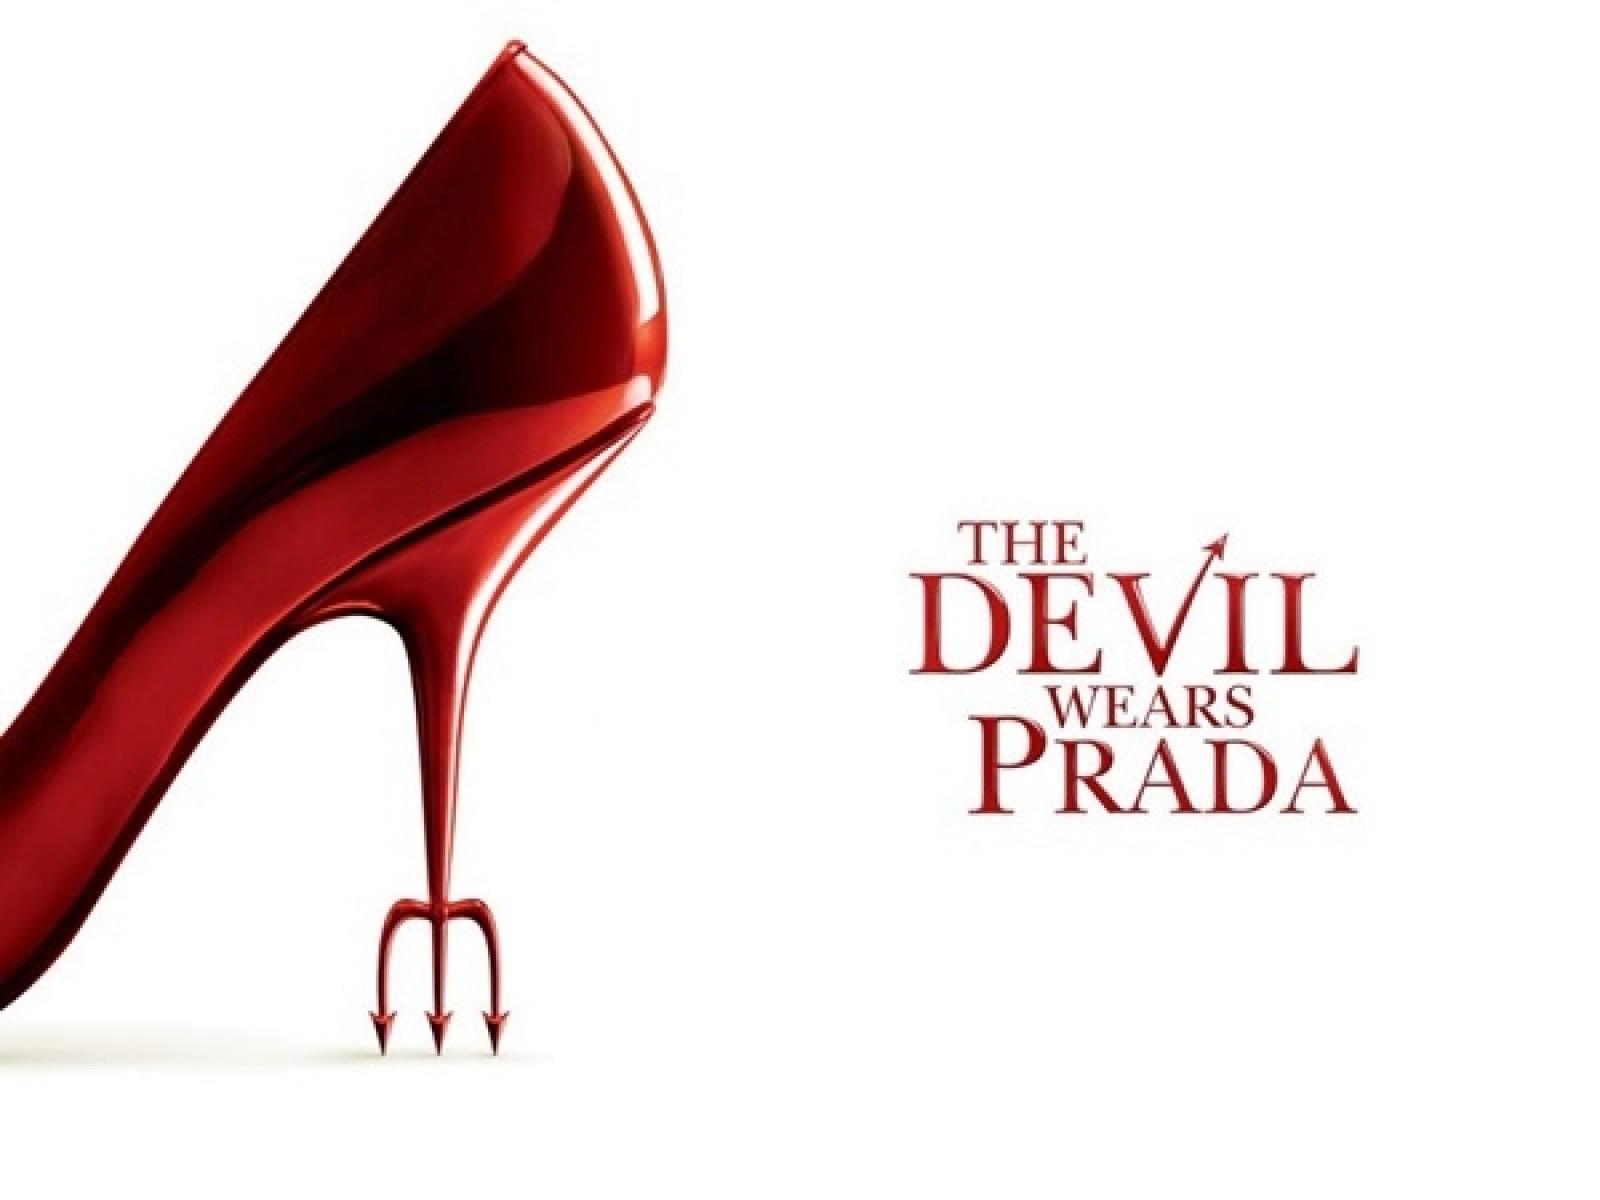 穿著PRADA的惡魔.jpg